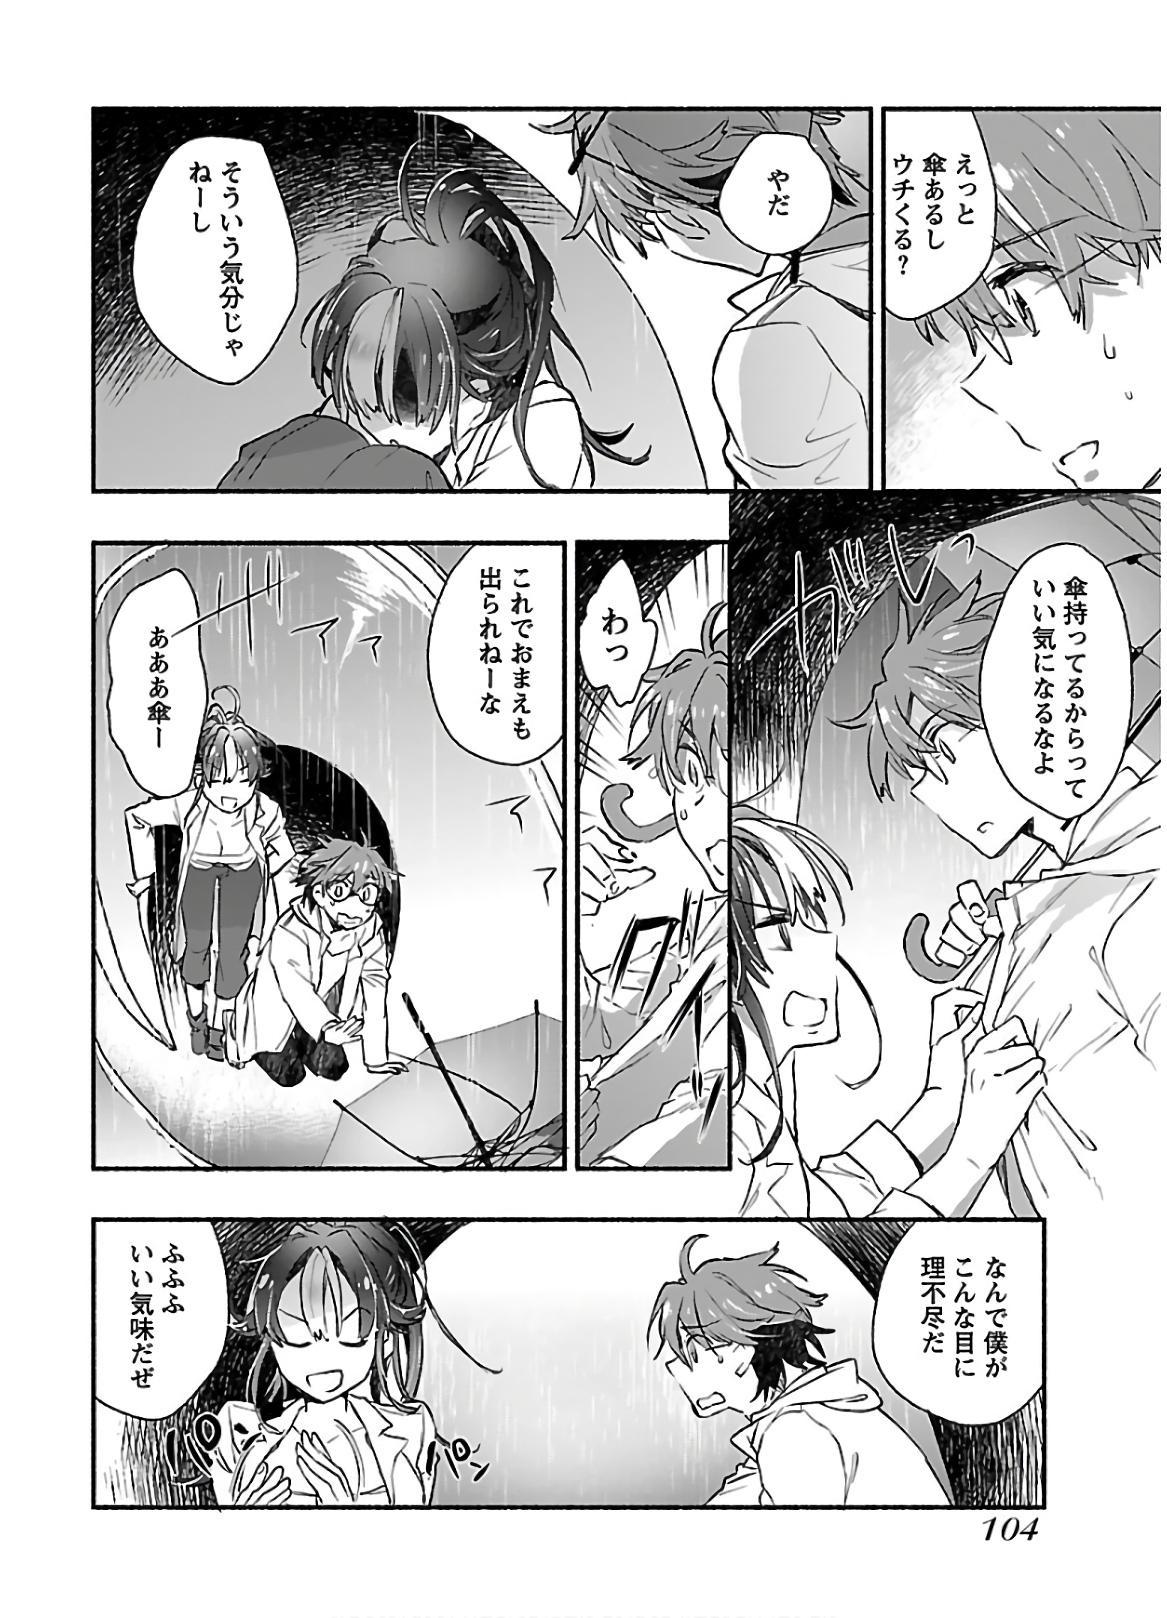 Yankii musume ni natsukarete kotoshi mo juken ni shippai shisou desu  vol.1 105